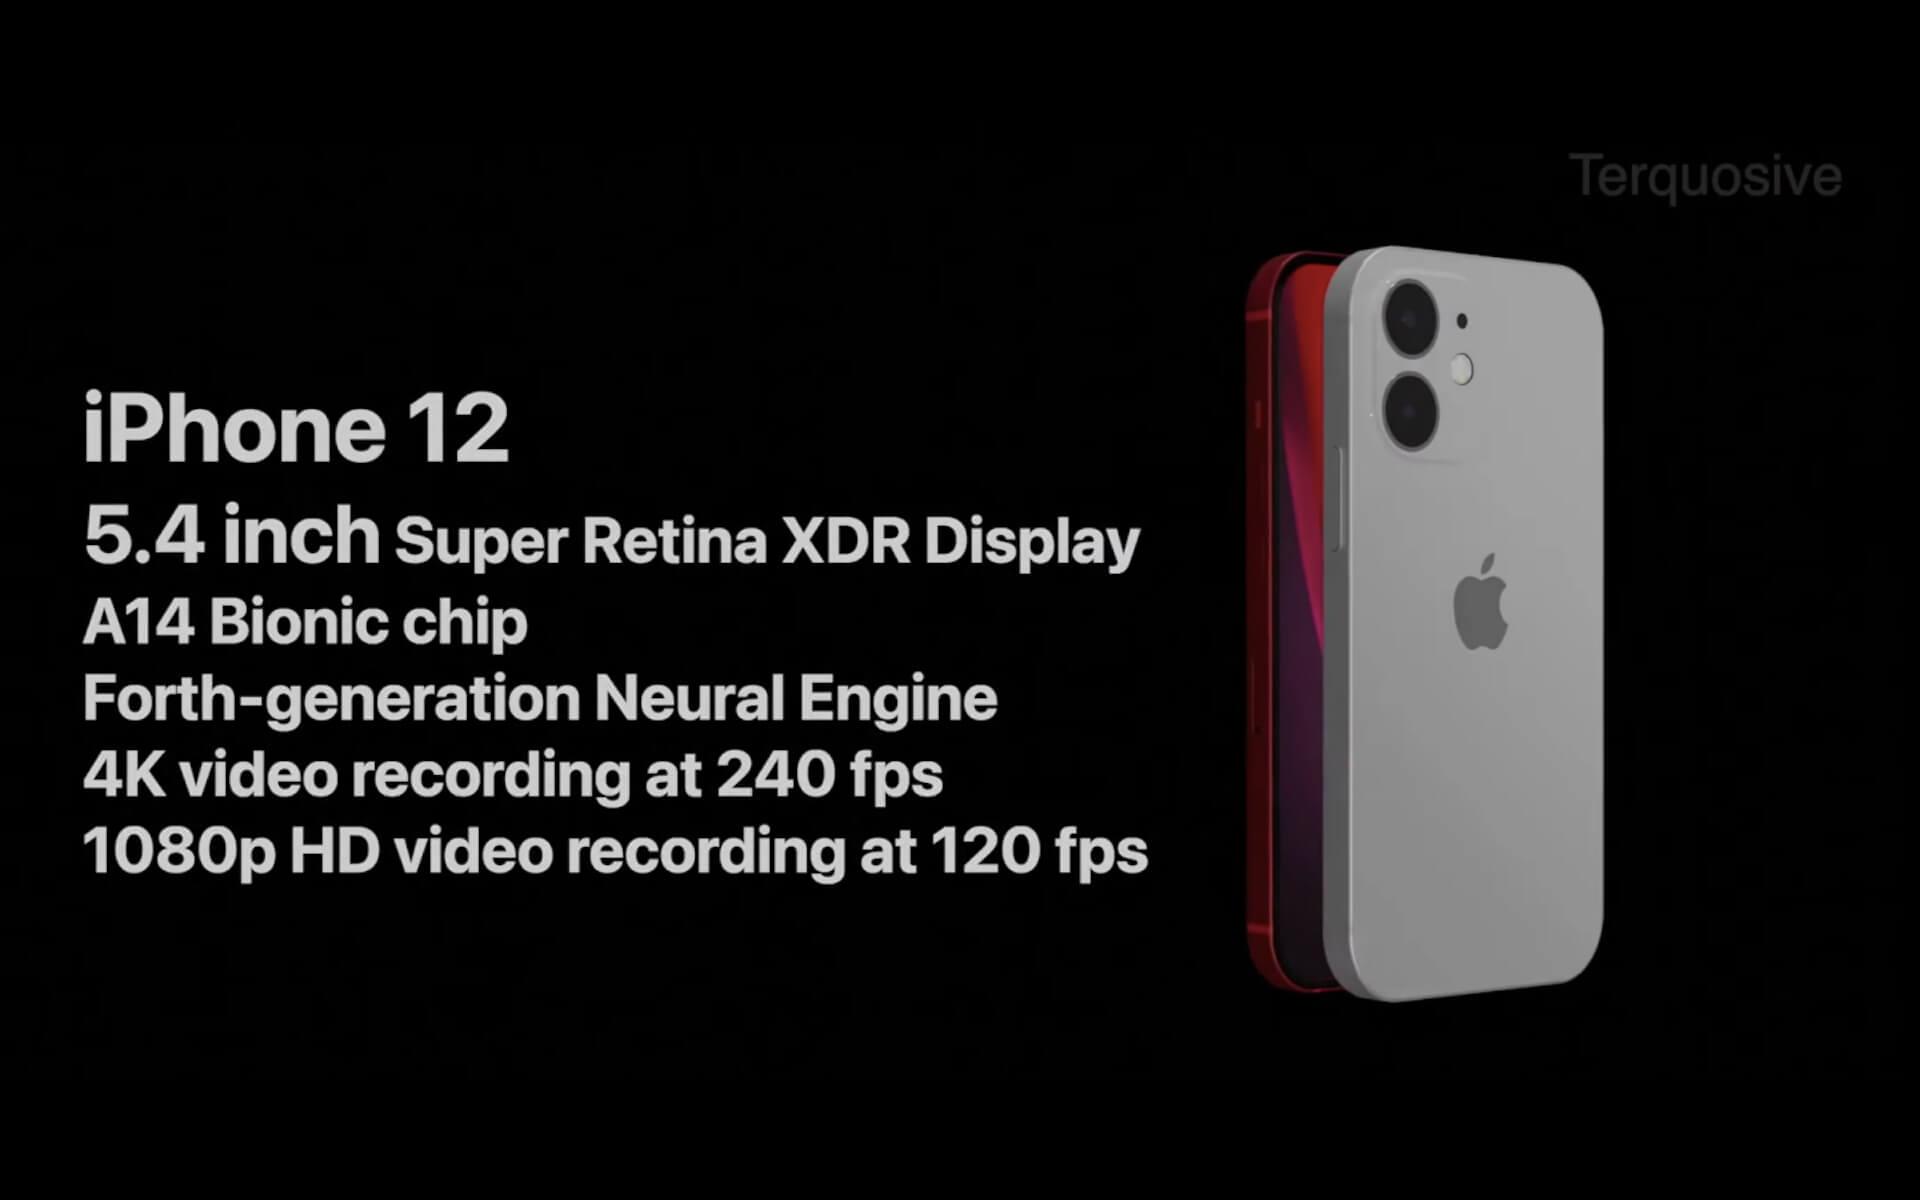 iPhone 12&12 Maxはこんな性能に?これまでの情報をまとめたコンセプト映像が公開 tech200713_iphone12_3